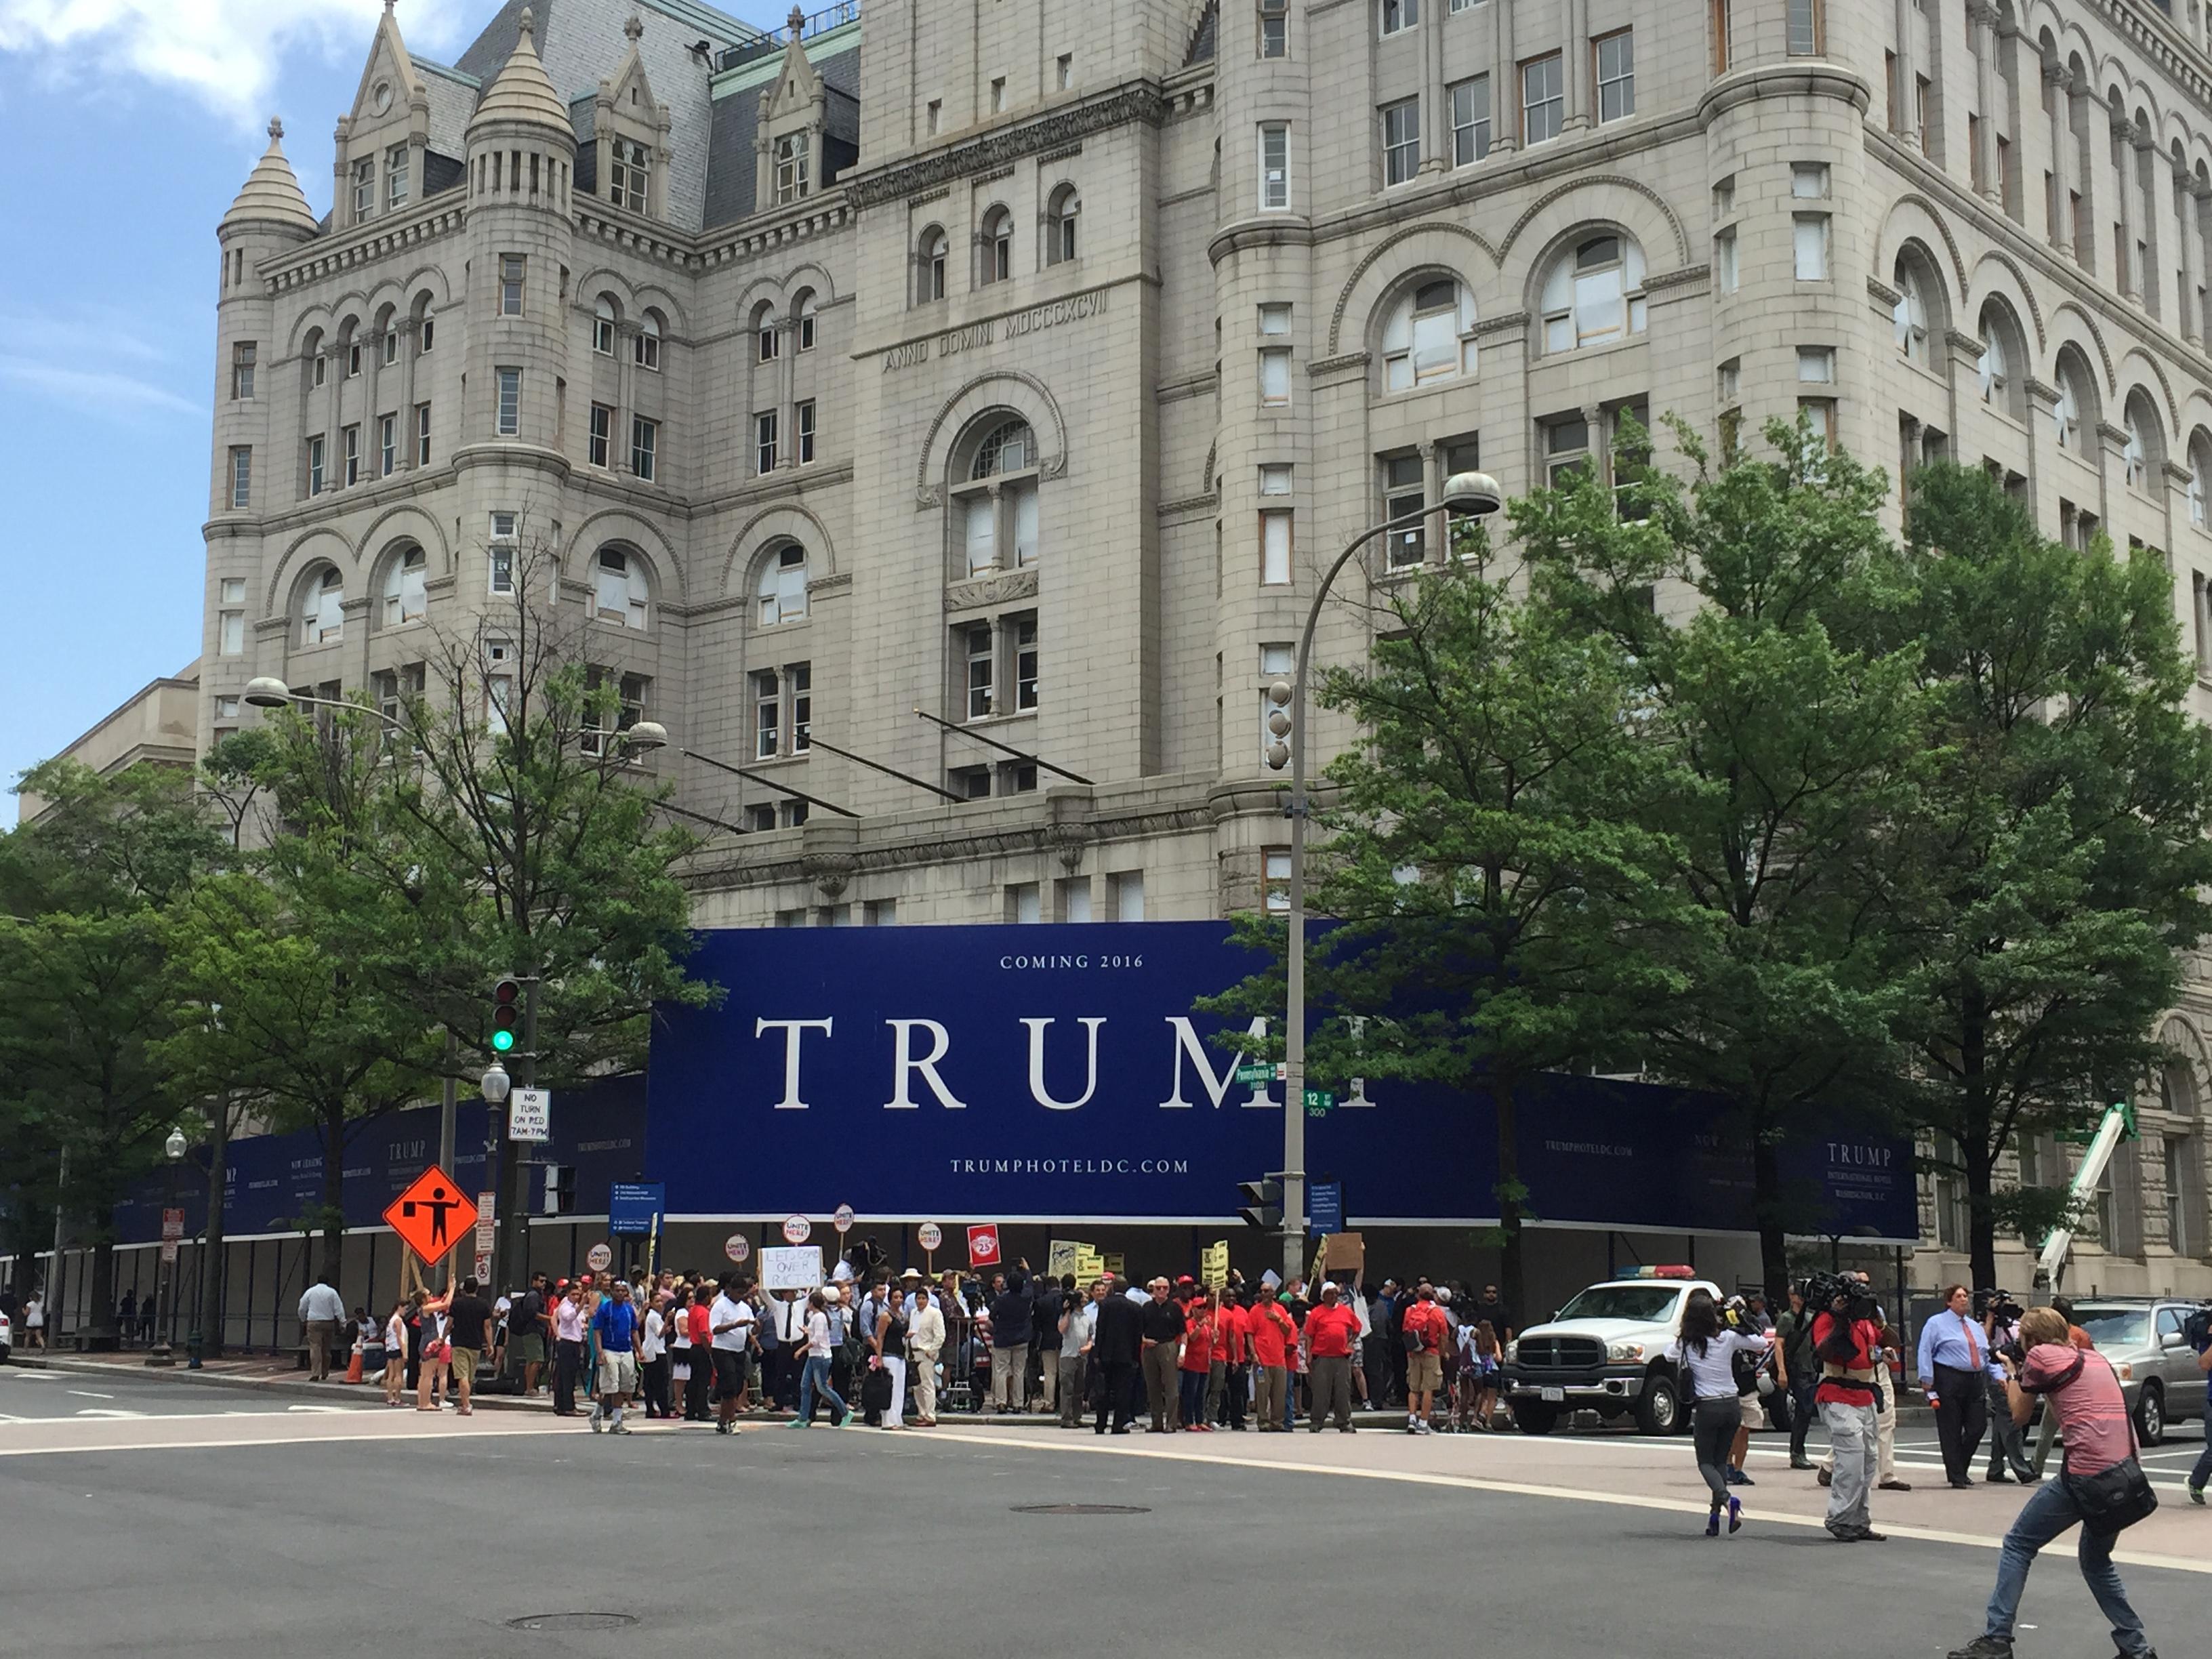 Council member calls D.C. Trump hotel signage into question